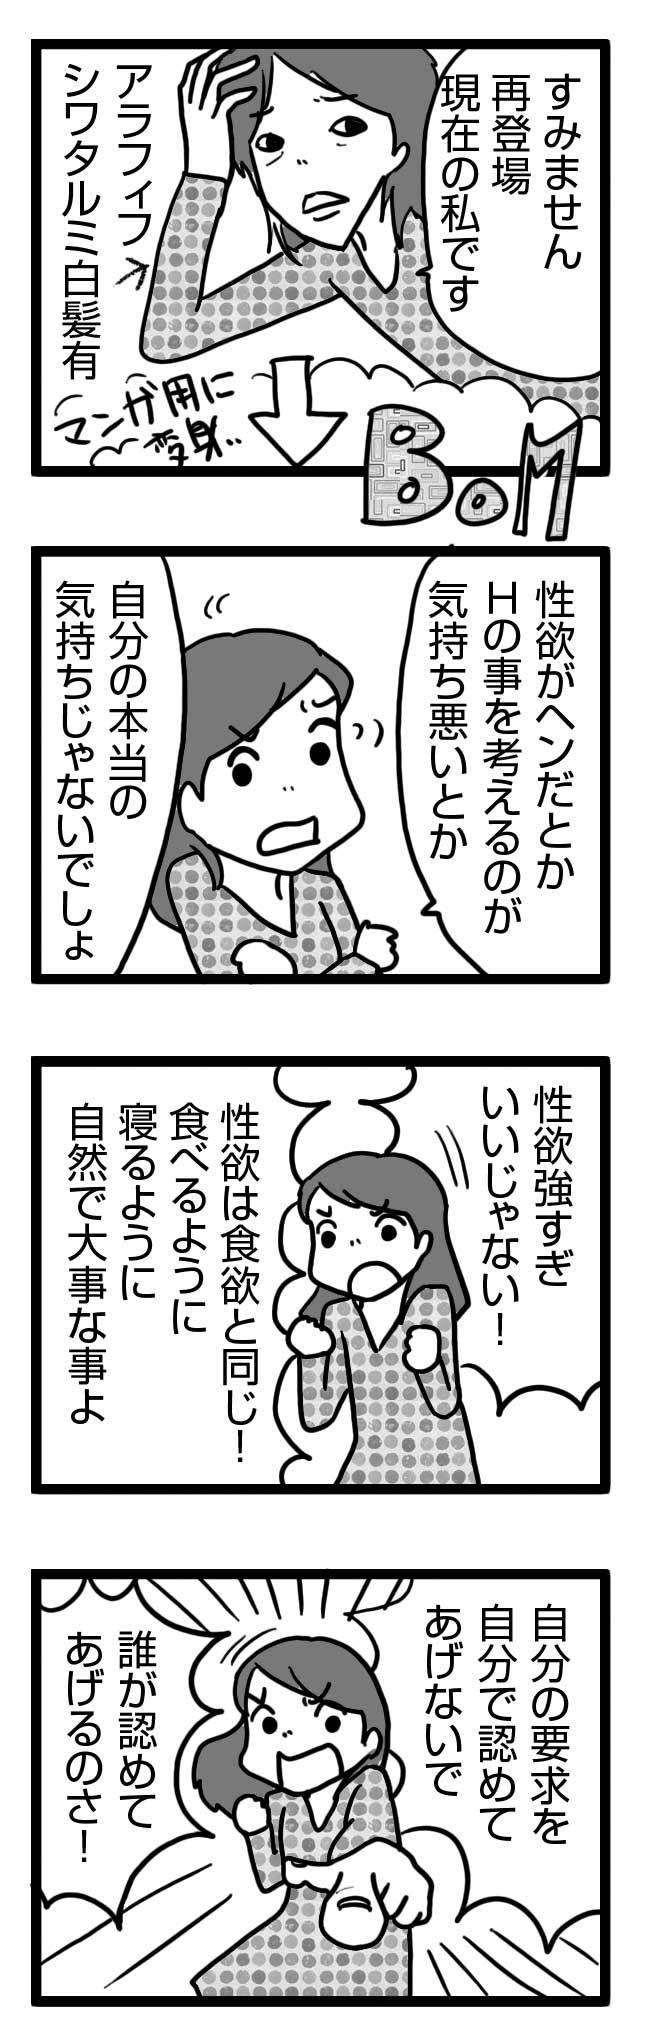 現在の私より2_2 結婚 婚活 漫画 マンガ まんが レス セックスレス プロポーズ